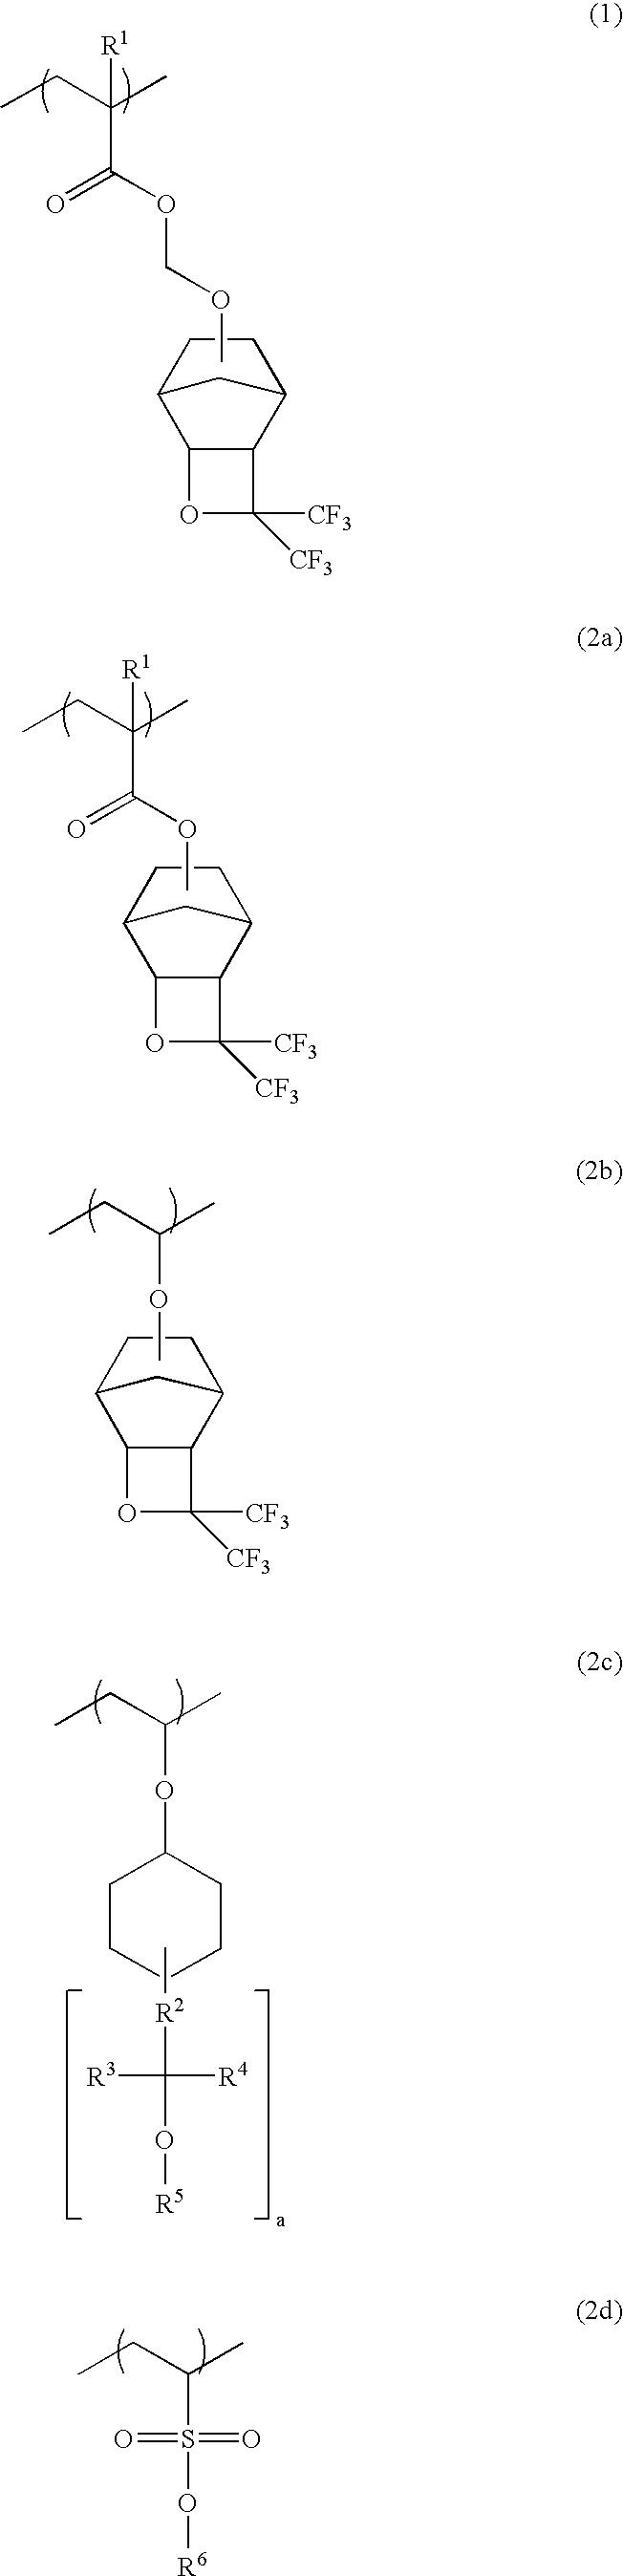 Figure US07125643-20061024-C00004